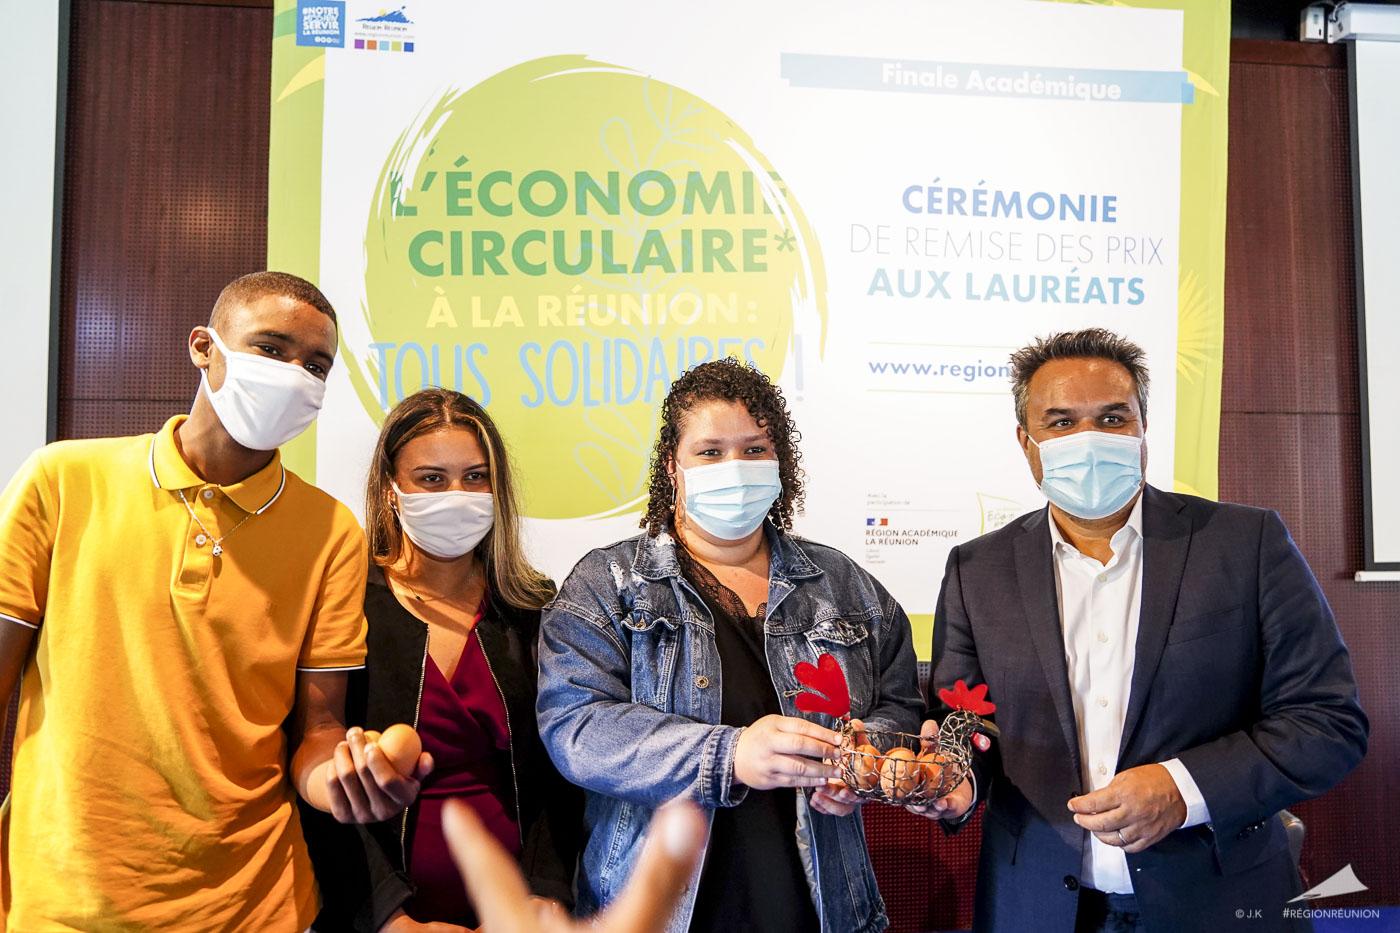 Finale du concours Académique l'Économie Circulaire à la Réunion : Tous solidaires !